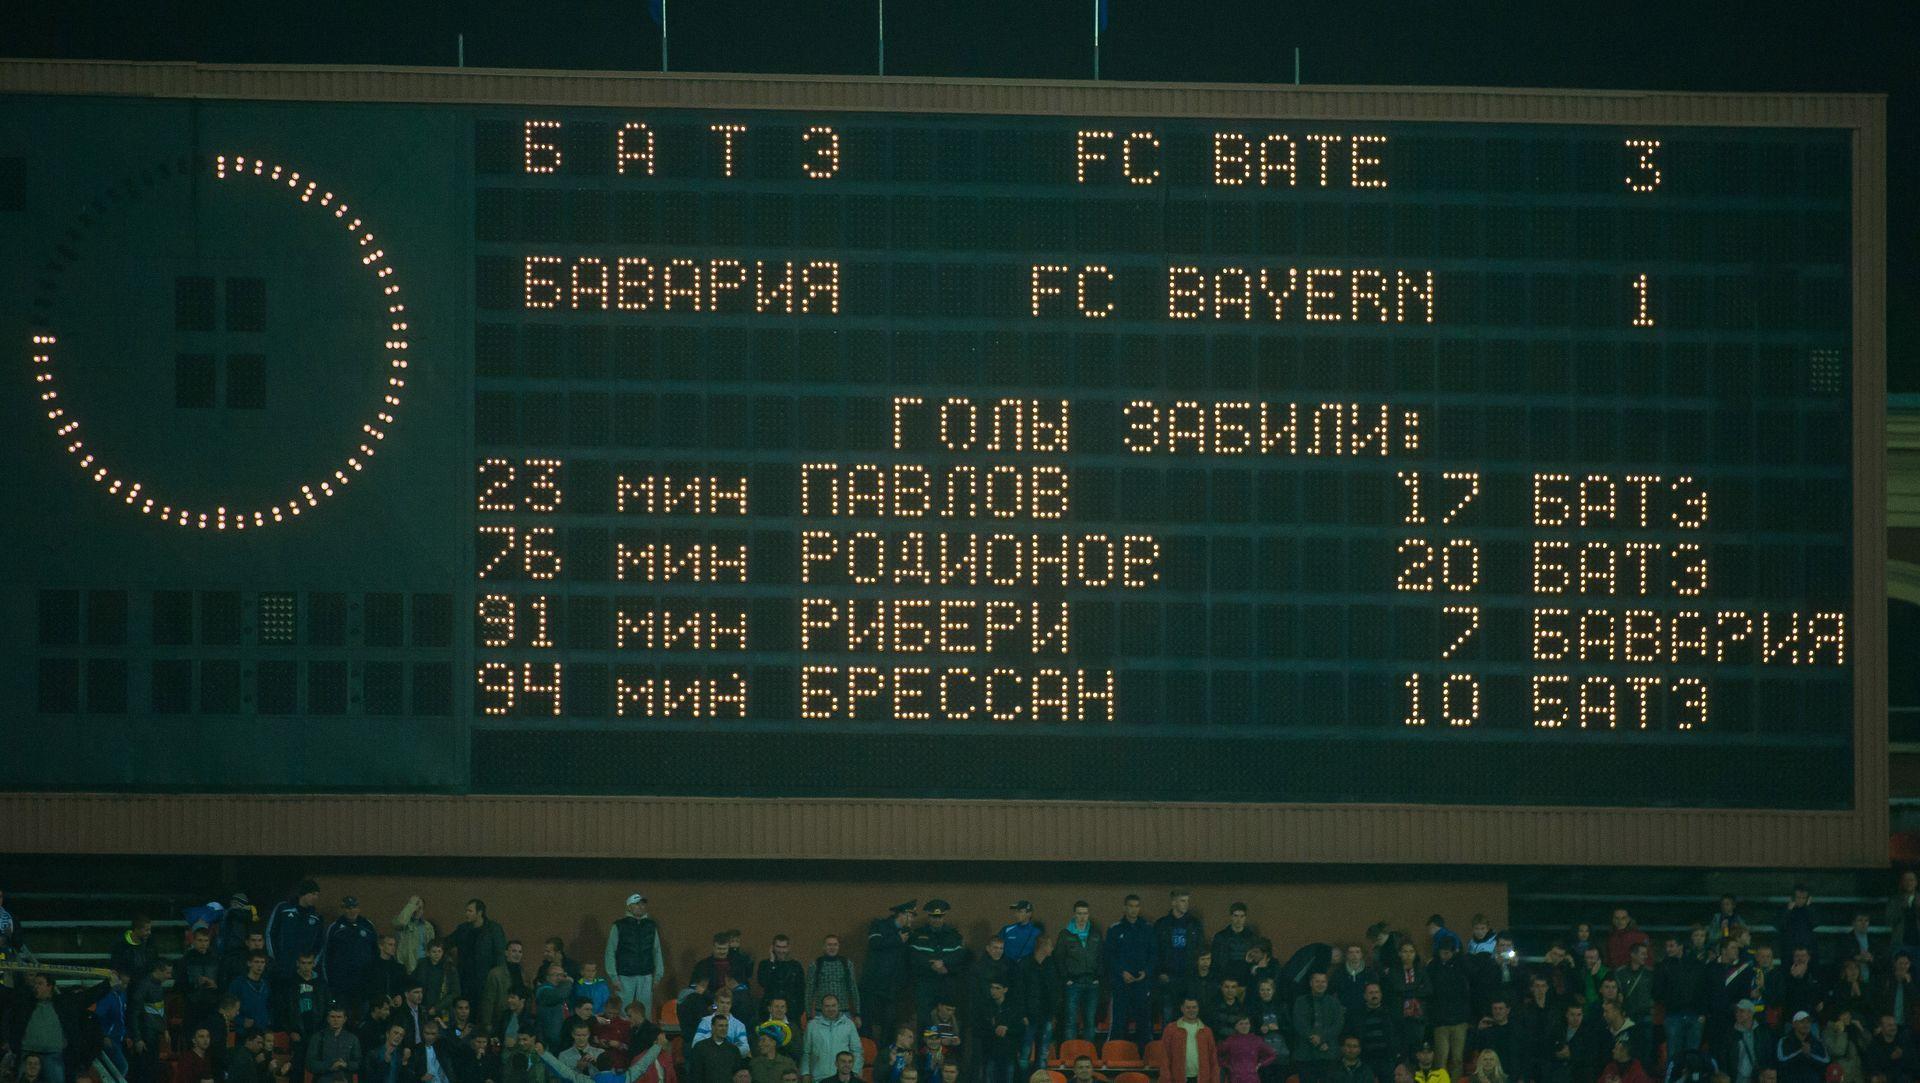 Най-знаменитата победа - в групите на Шампионската лига над Байерн с Рибери, Робен и останалите суперзвезди, през сезон 2012-2013 г. В края му Байерн стана европейски шампион